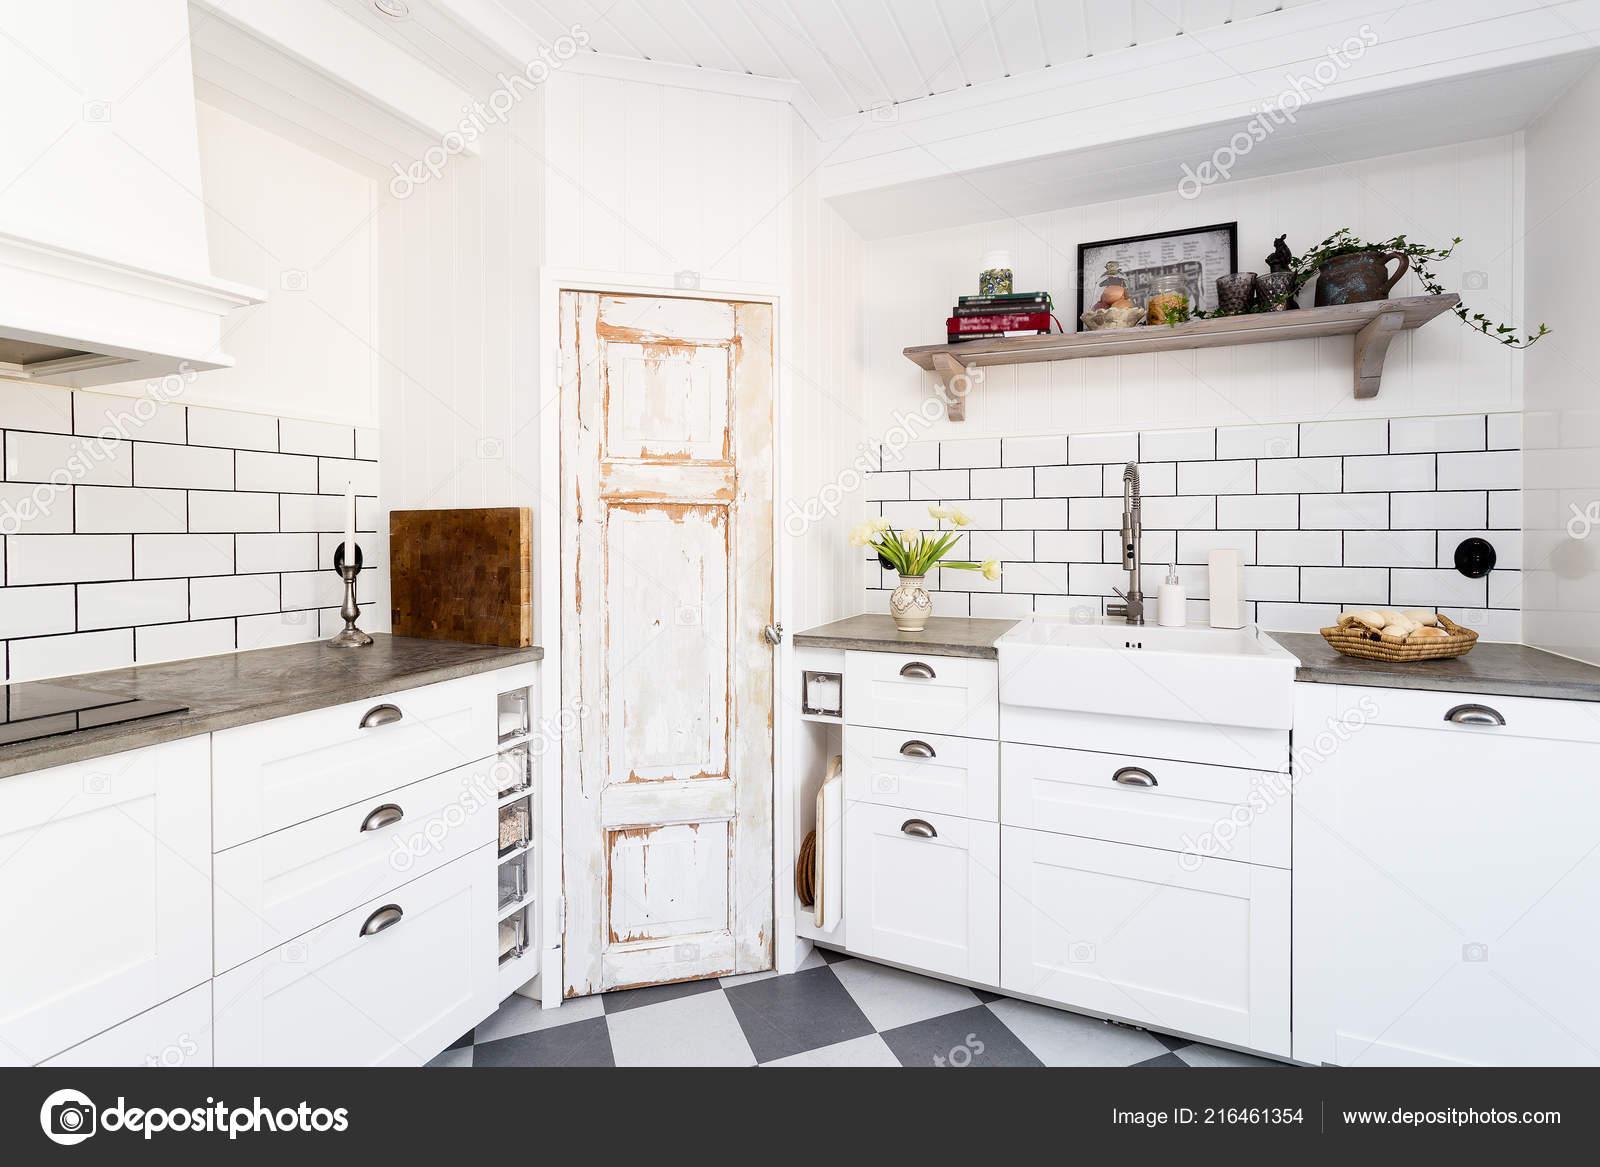 www.kitchen cabinets kitchen countertop cleaner 时尚厨房内饰白色瓷砖和橱柜复古水槽和格子地板 图库照片